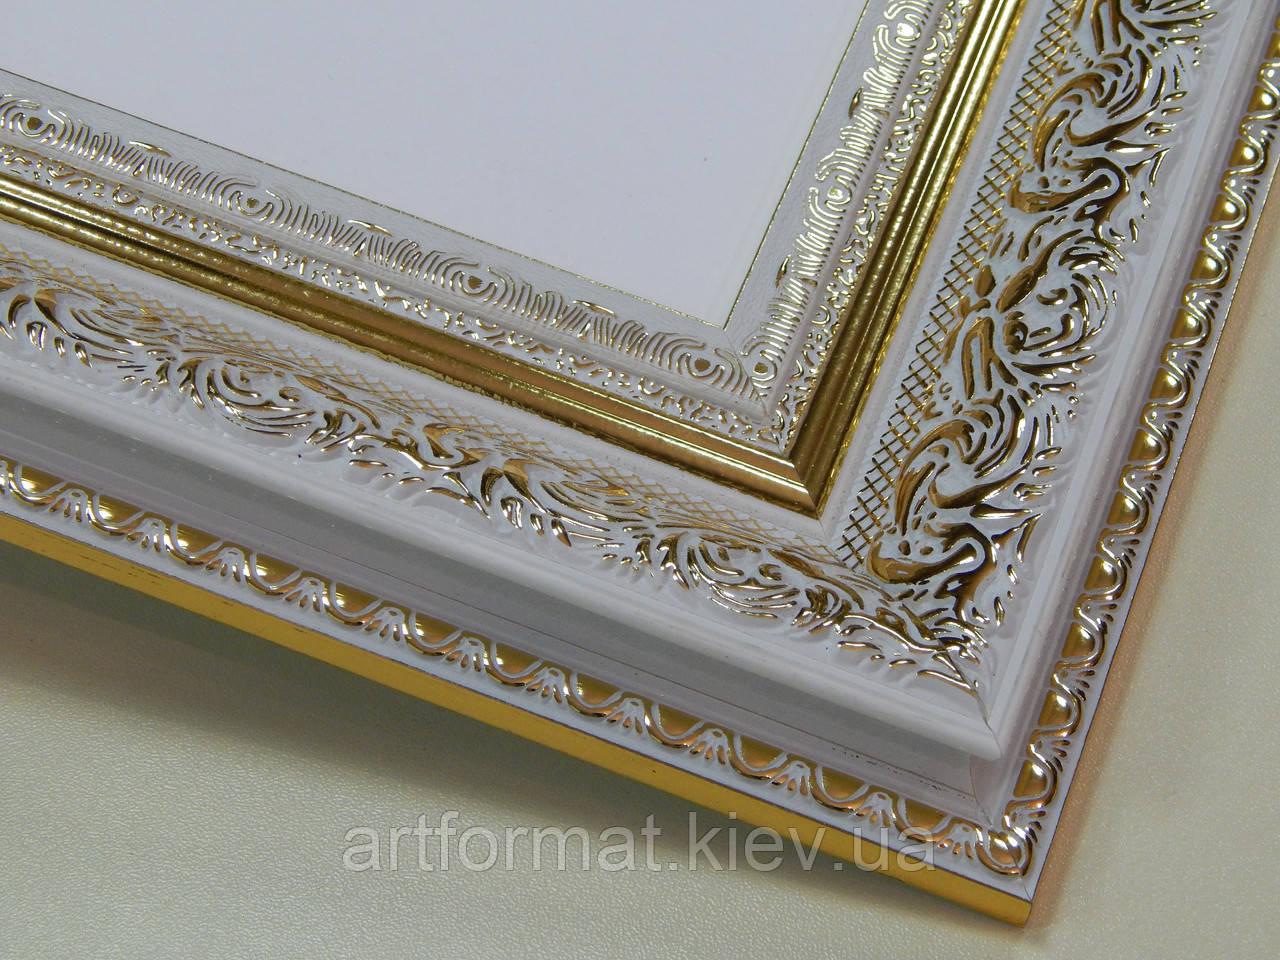 РАМКА  30х40.60 мм.Белая с золотым орнаментом.Для фото,дипломов,картин.